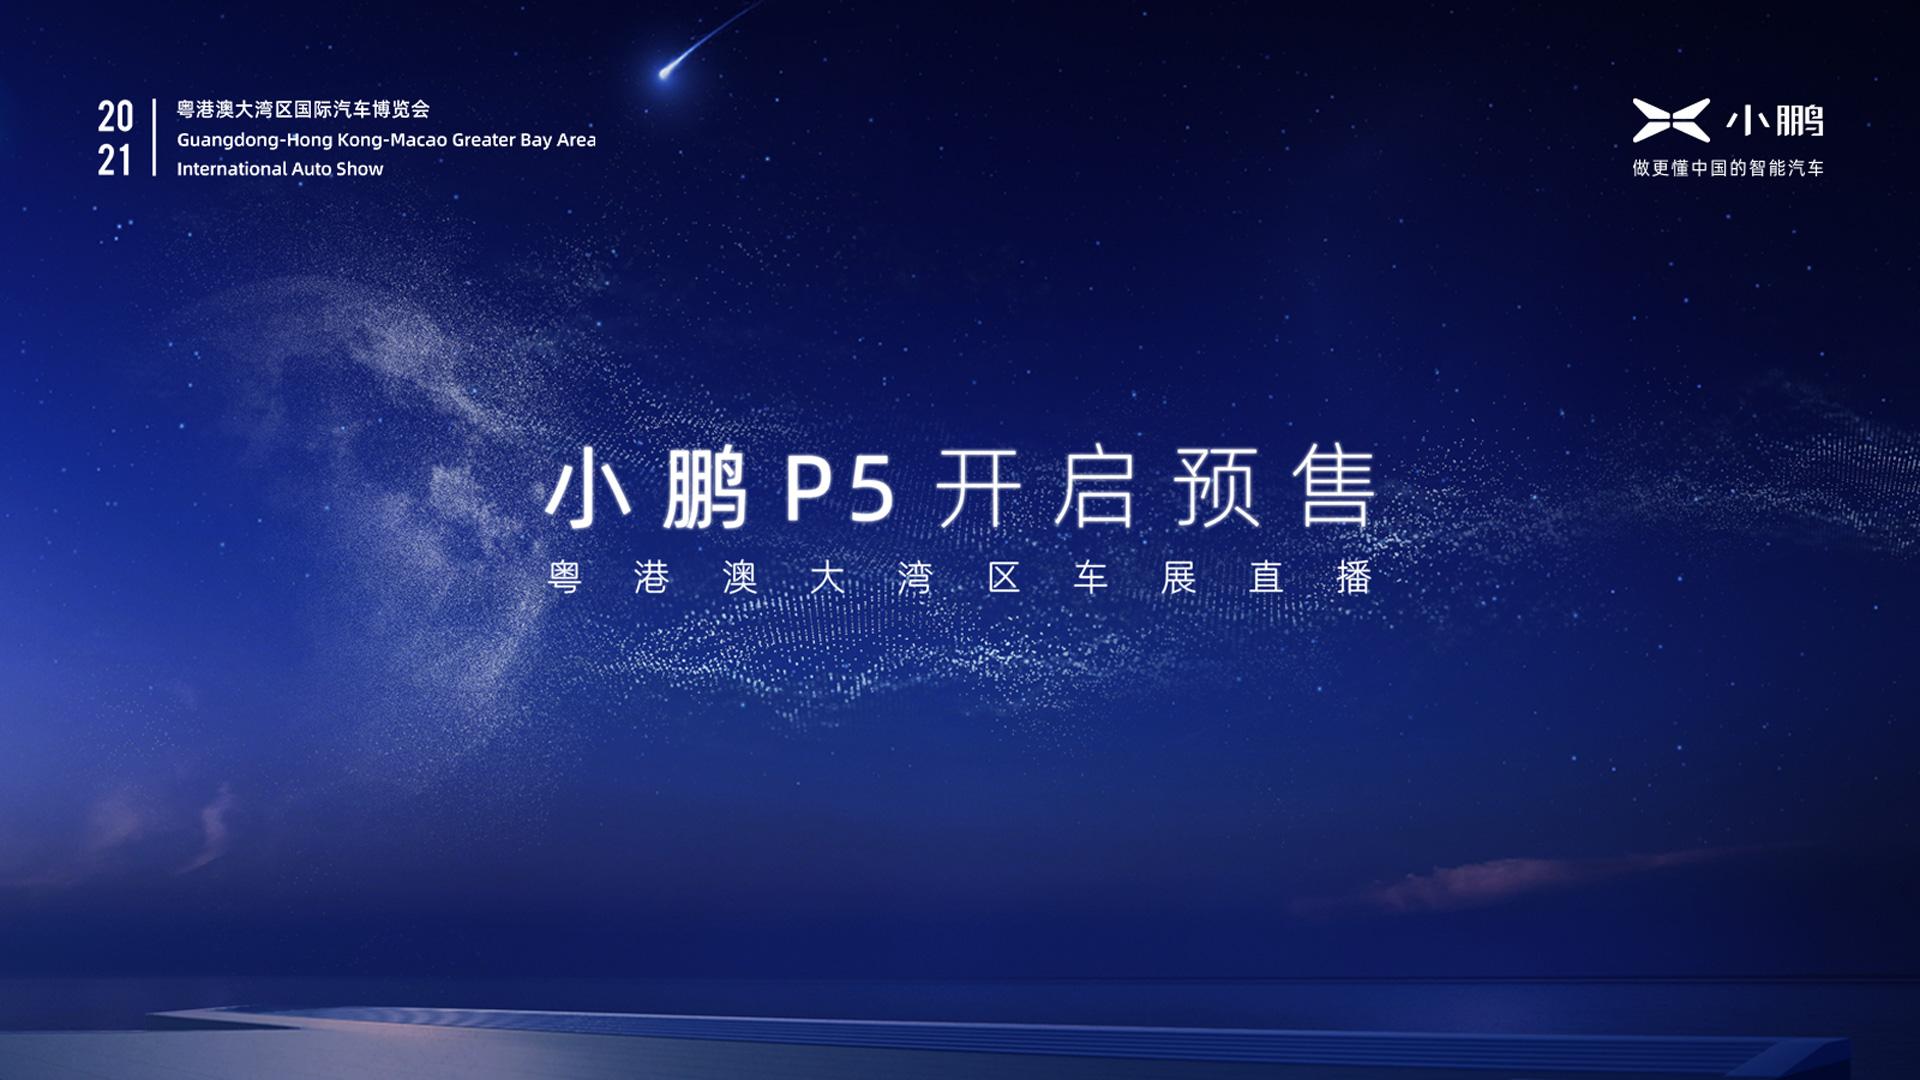 小鹏P5开启预售,粤港澳大湾区车展直播